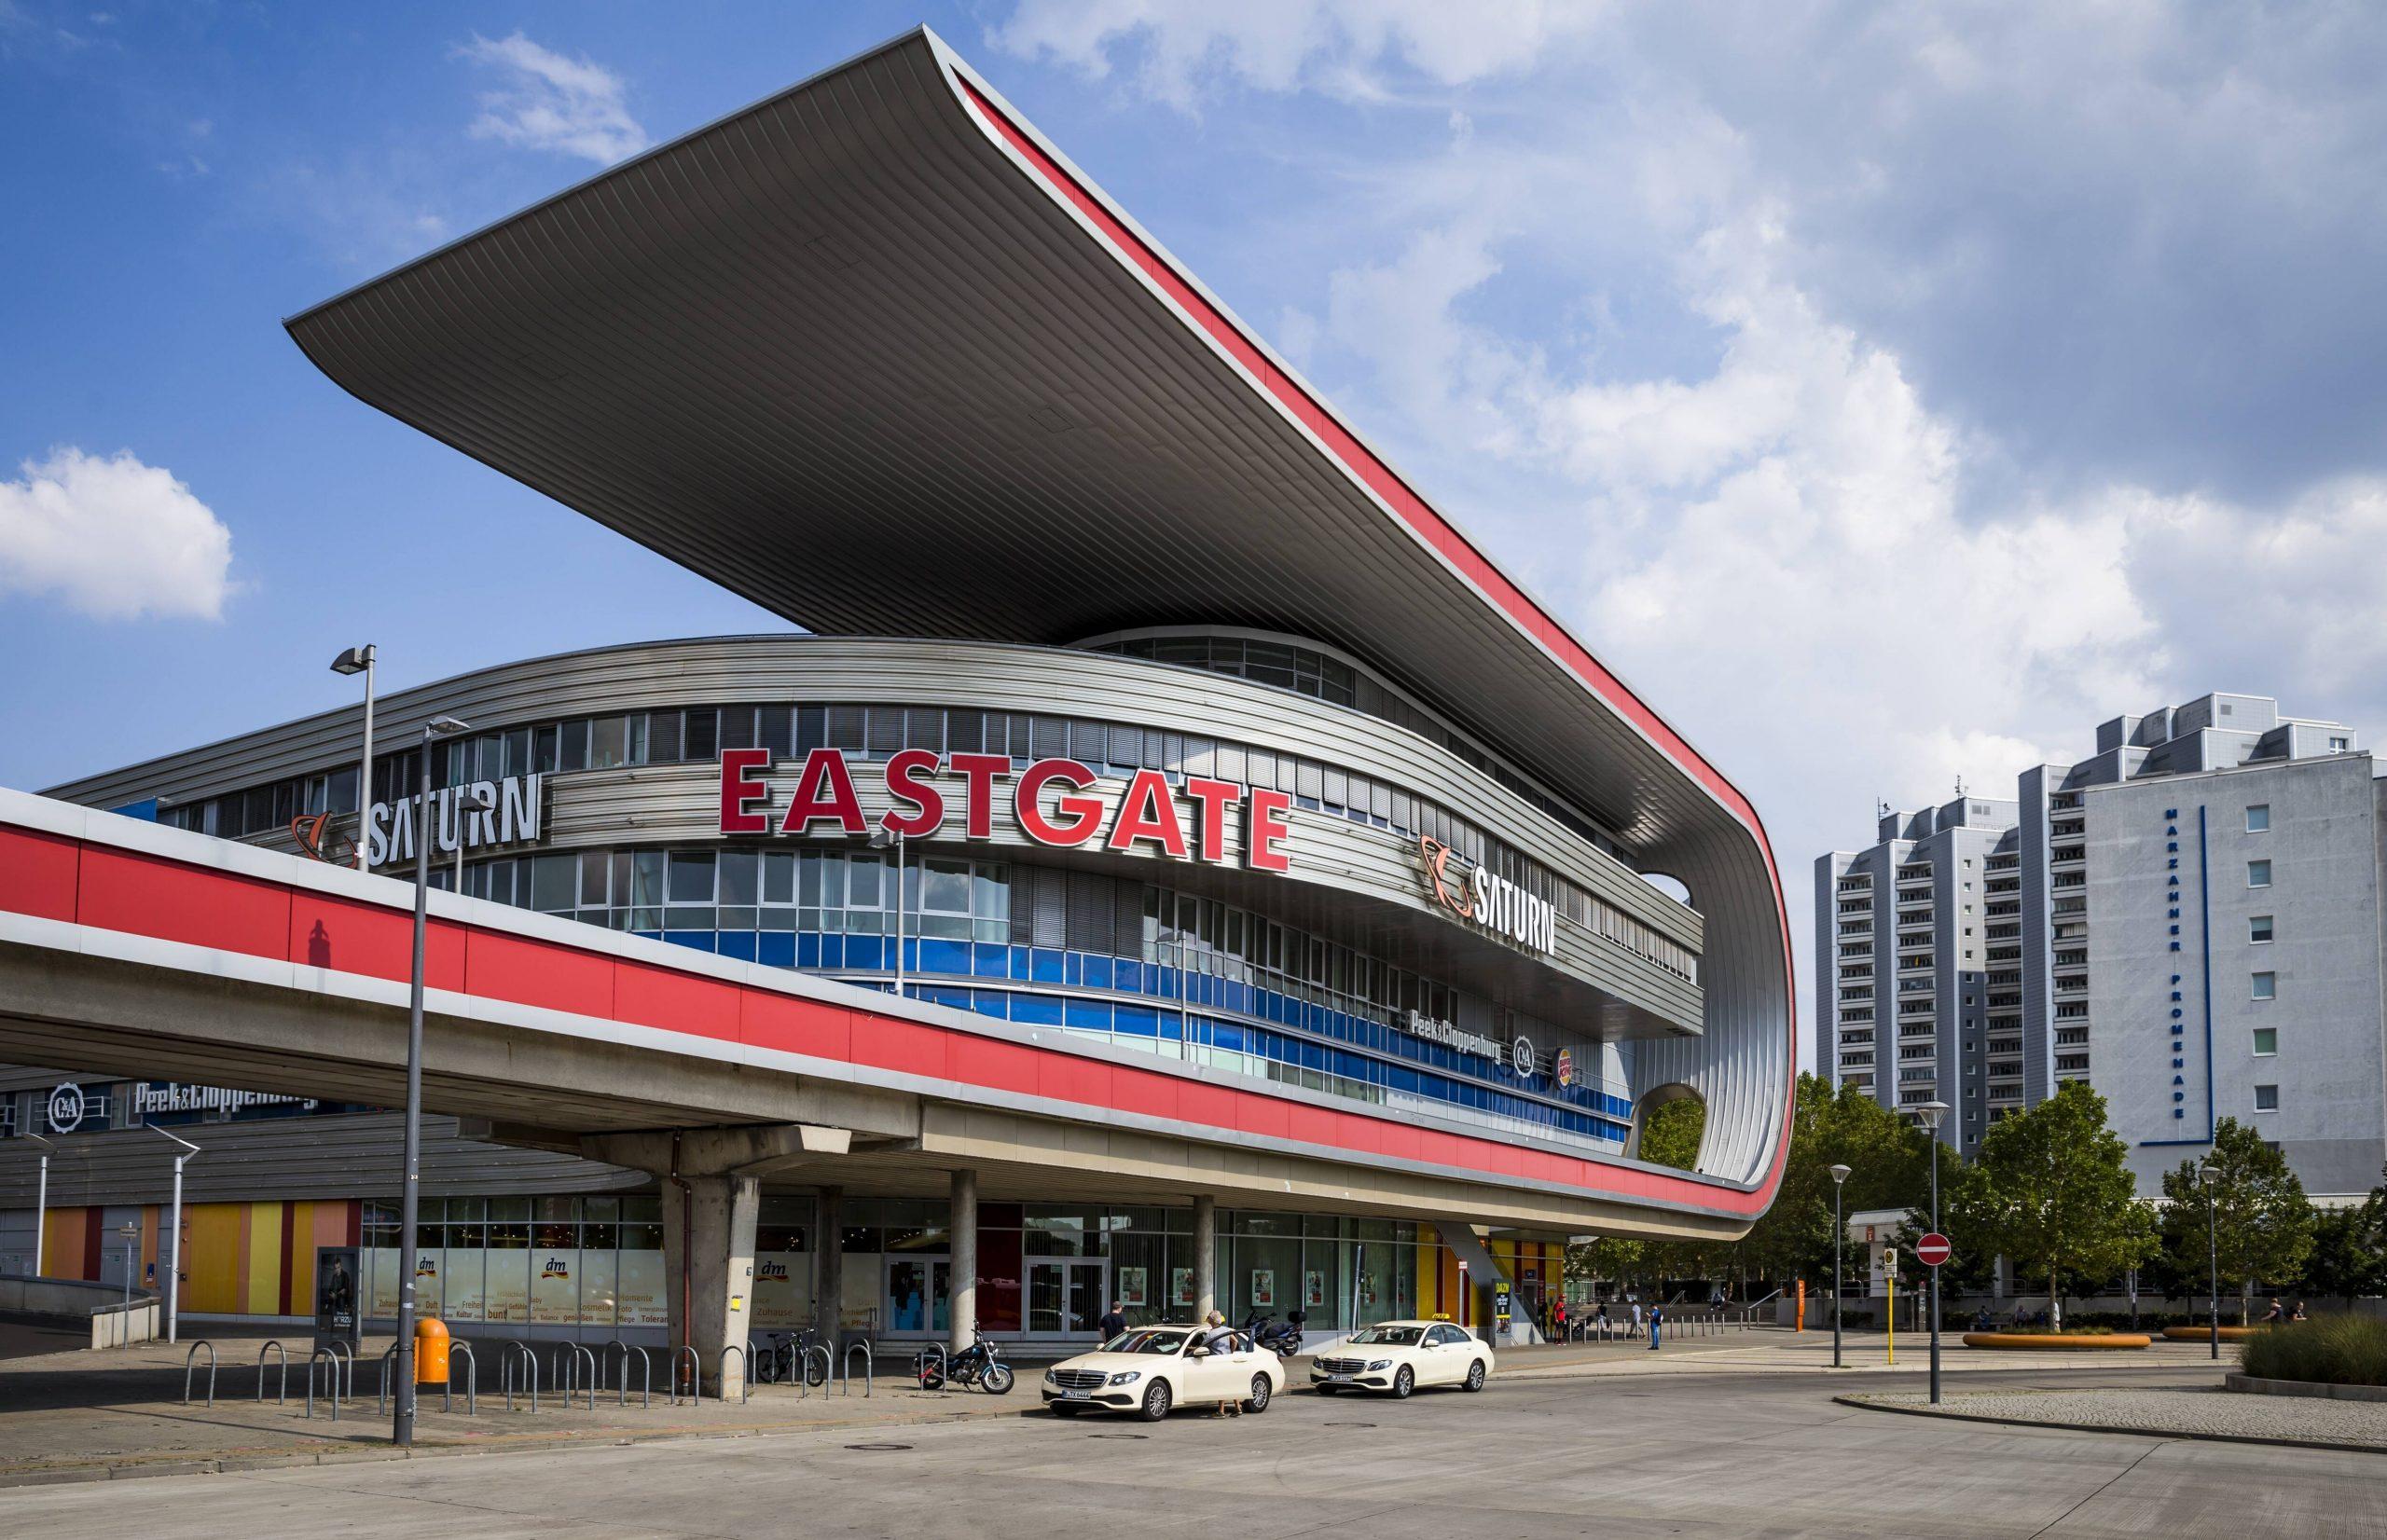 """Das Eastgate ist ein durchaus gewöhnungsbedürftiges Einkaufszentrum. Das Shoppingcenter in Marzahn verbuchen wir sogar unter """"Bausünde"""". Foto: Imago/Alimdi"""